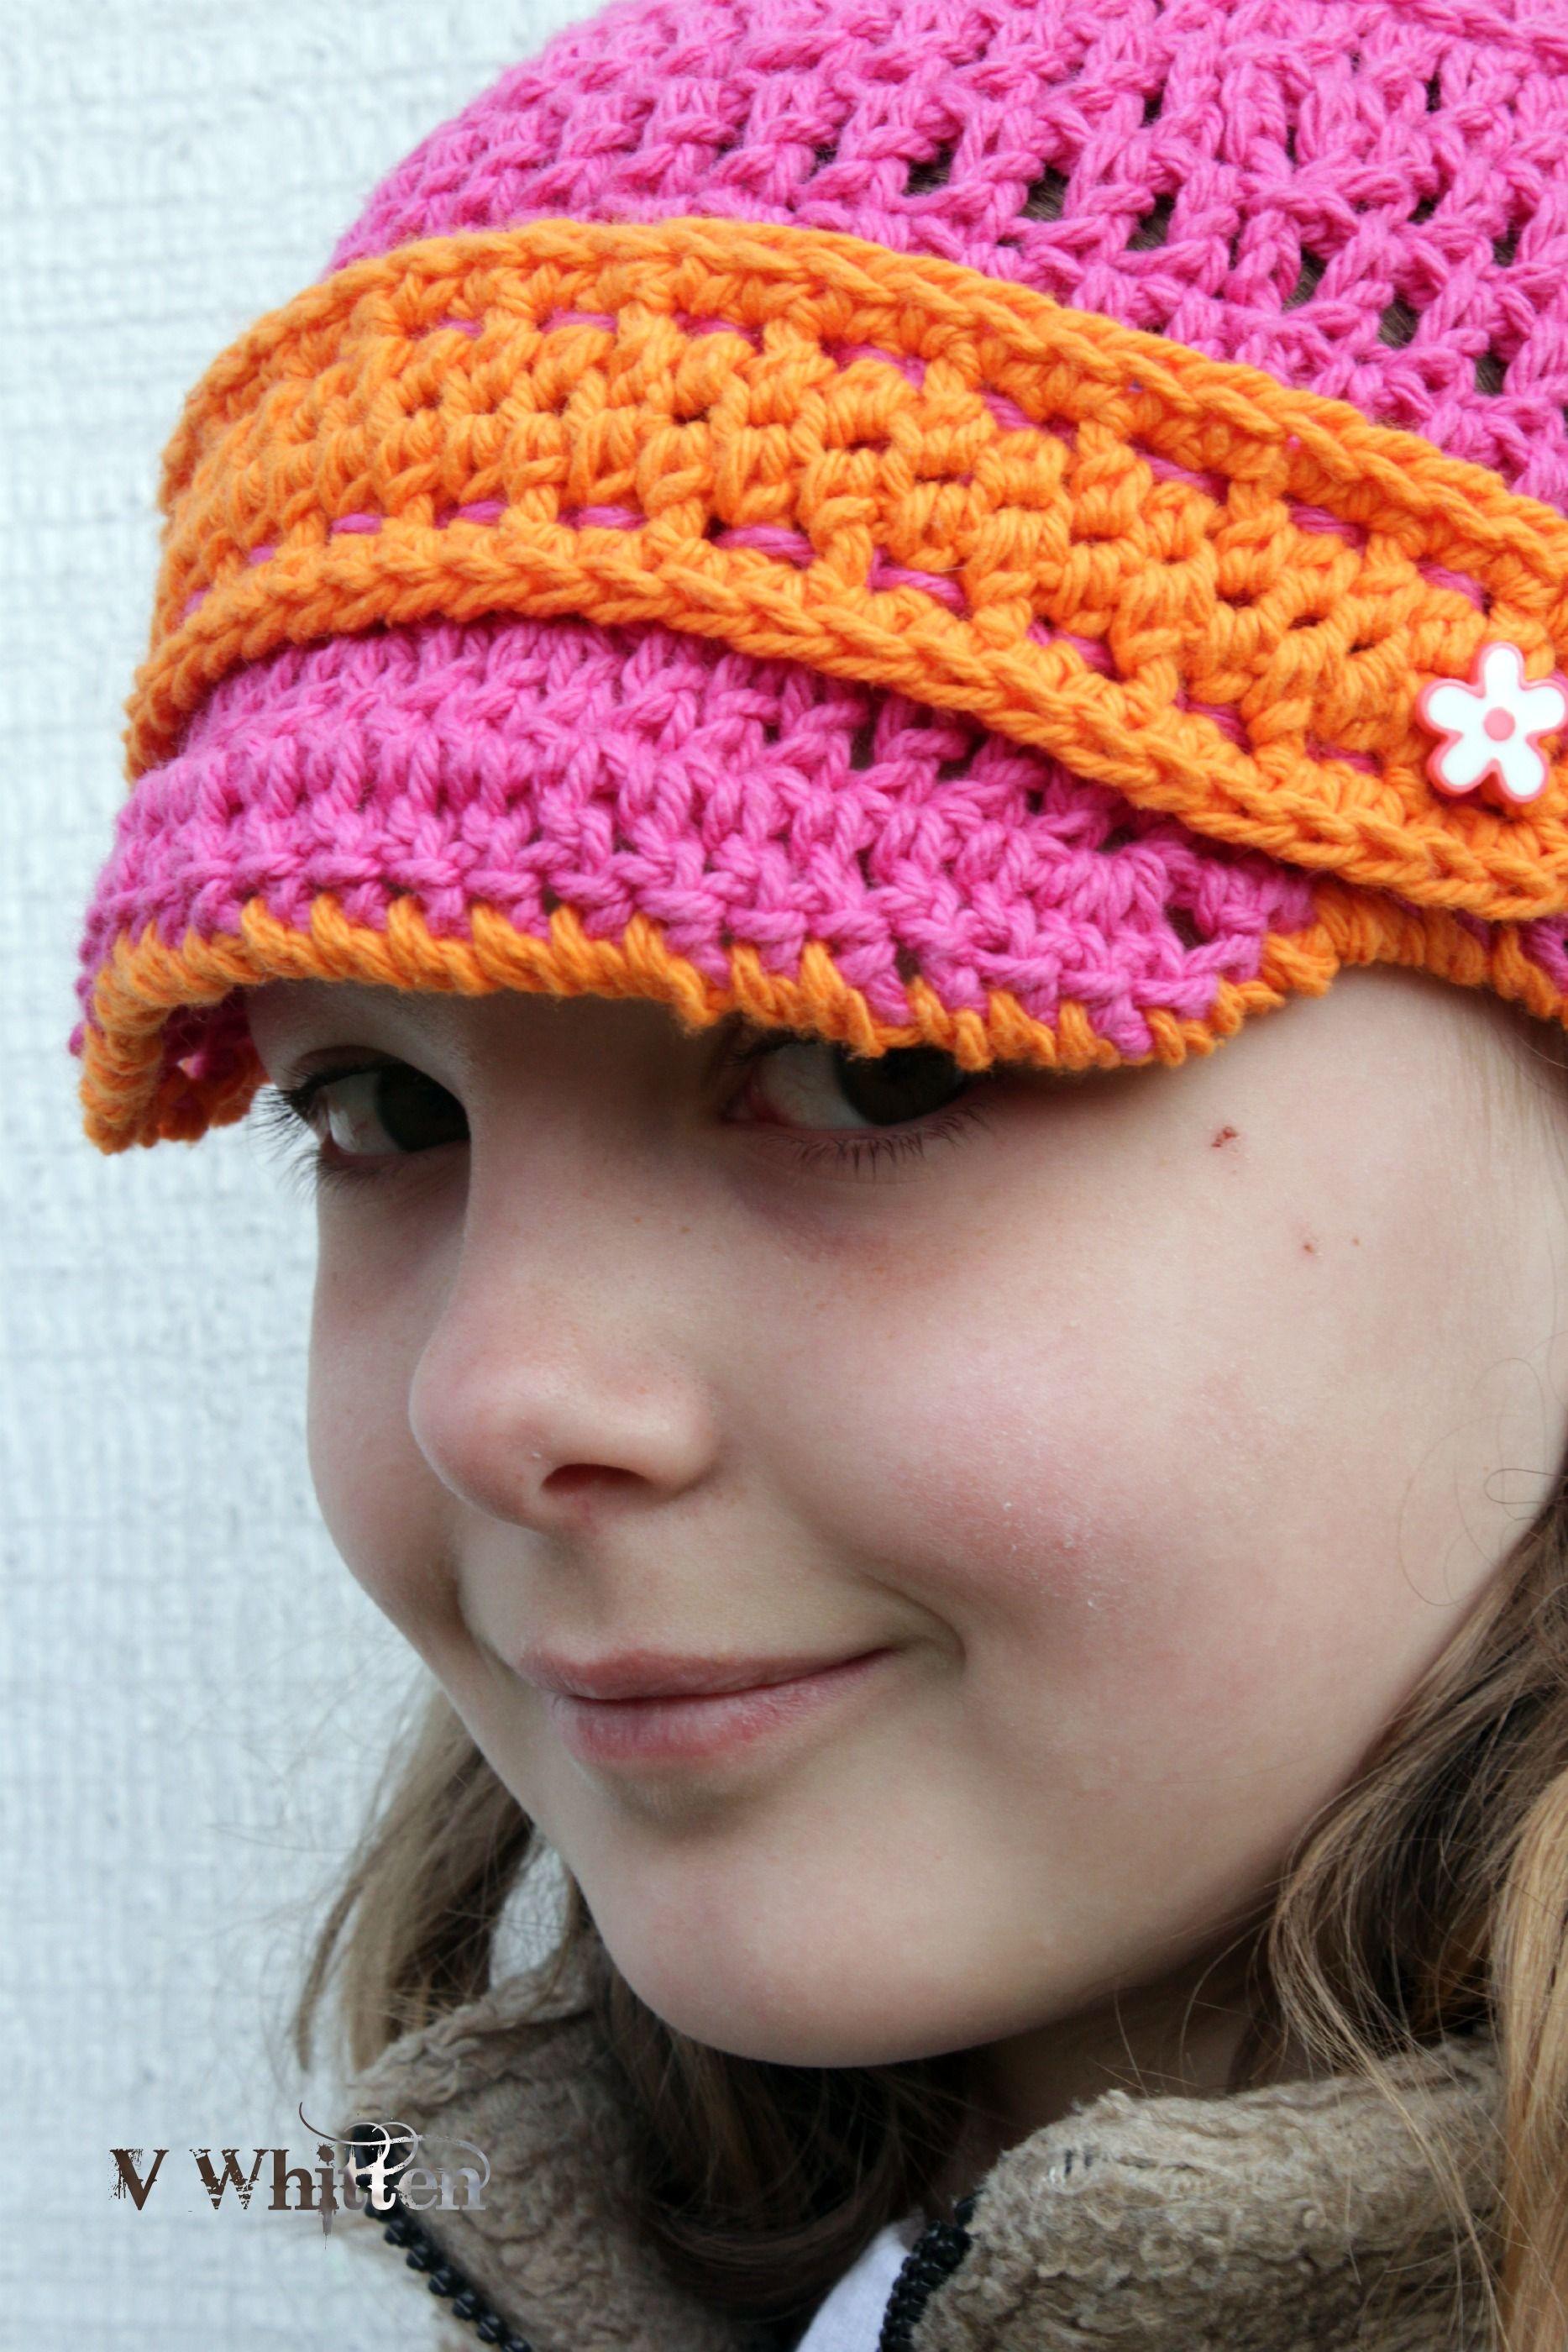 Crochet Newsboy Hat : Crochet Newsboy hat Crochet hats Pinterest